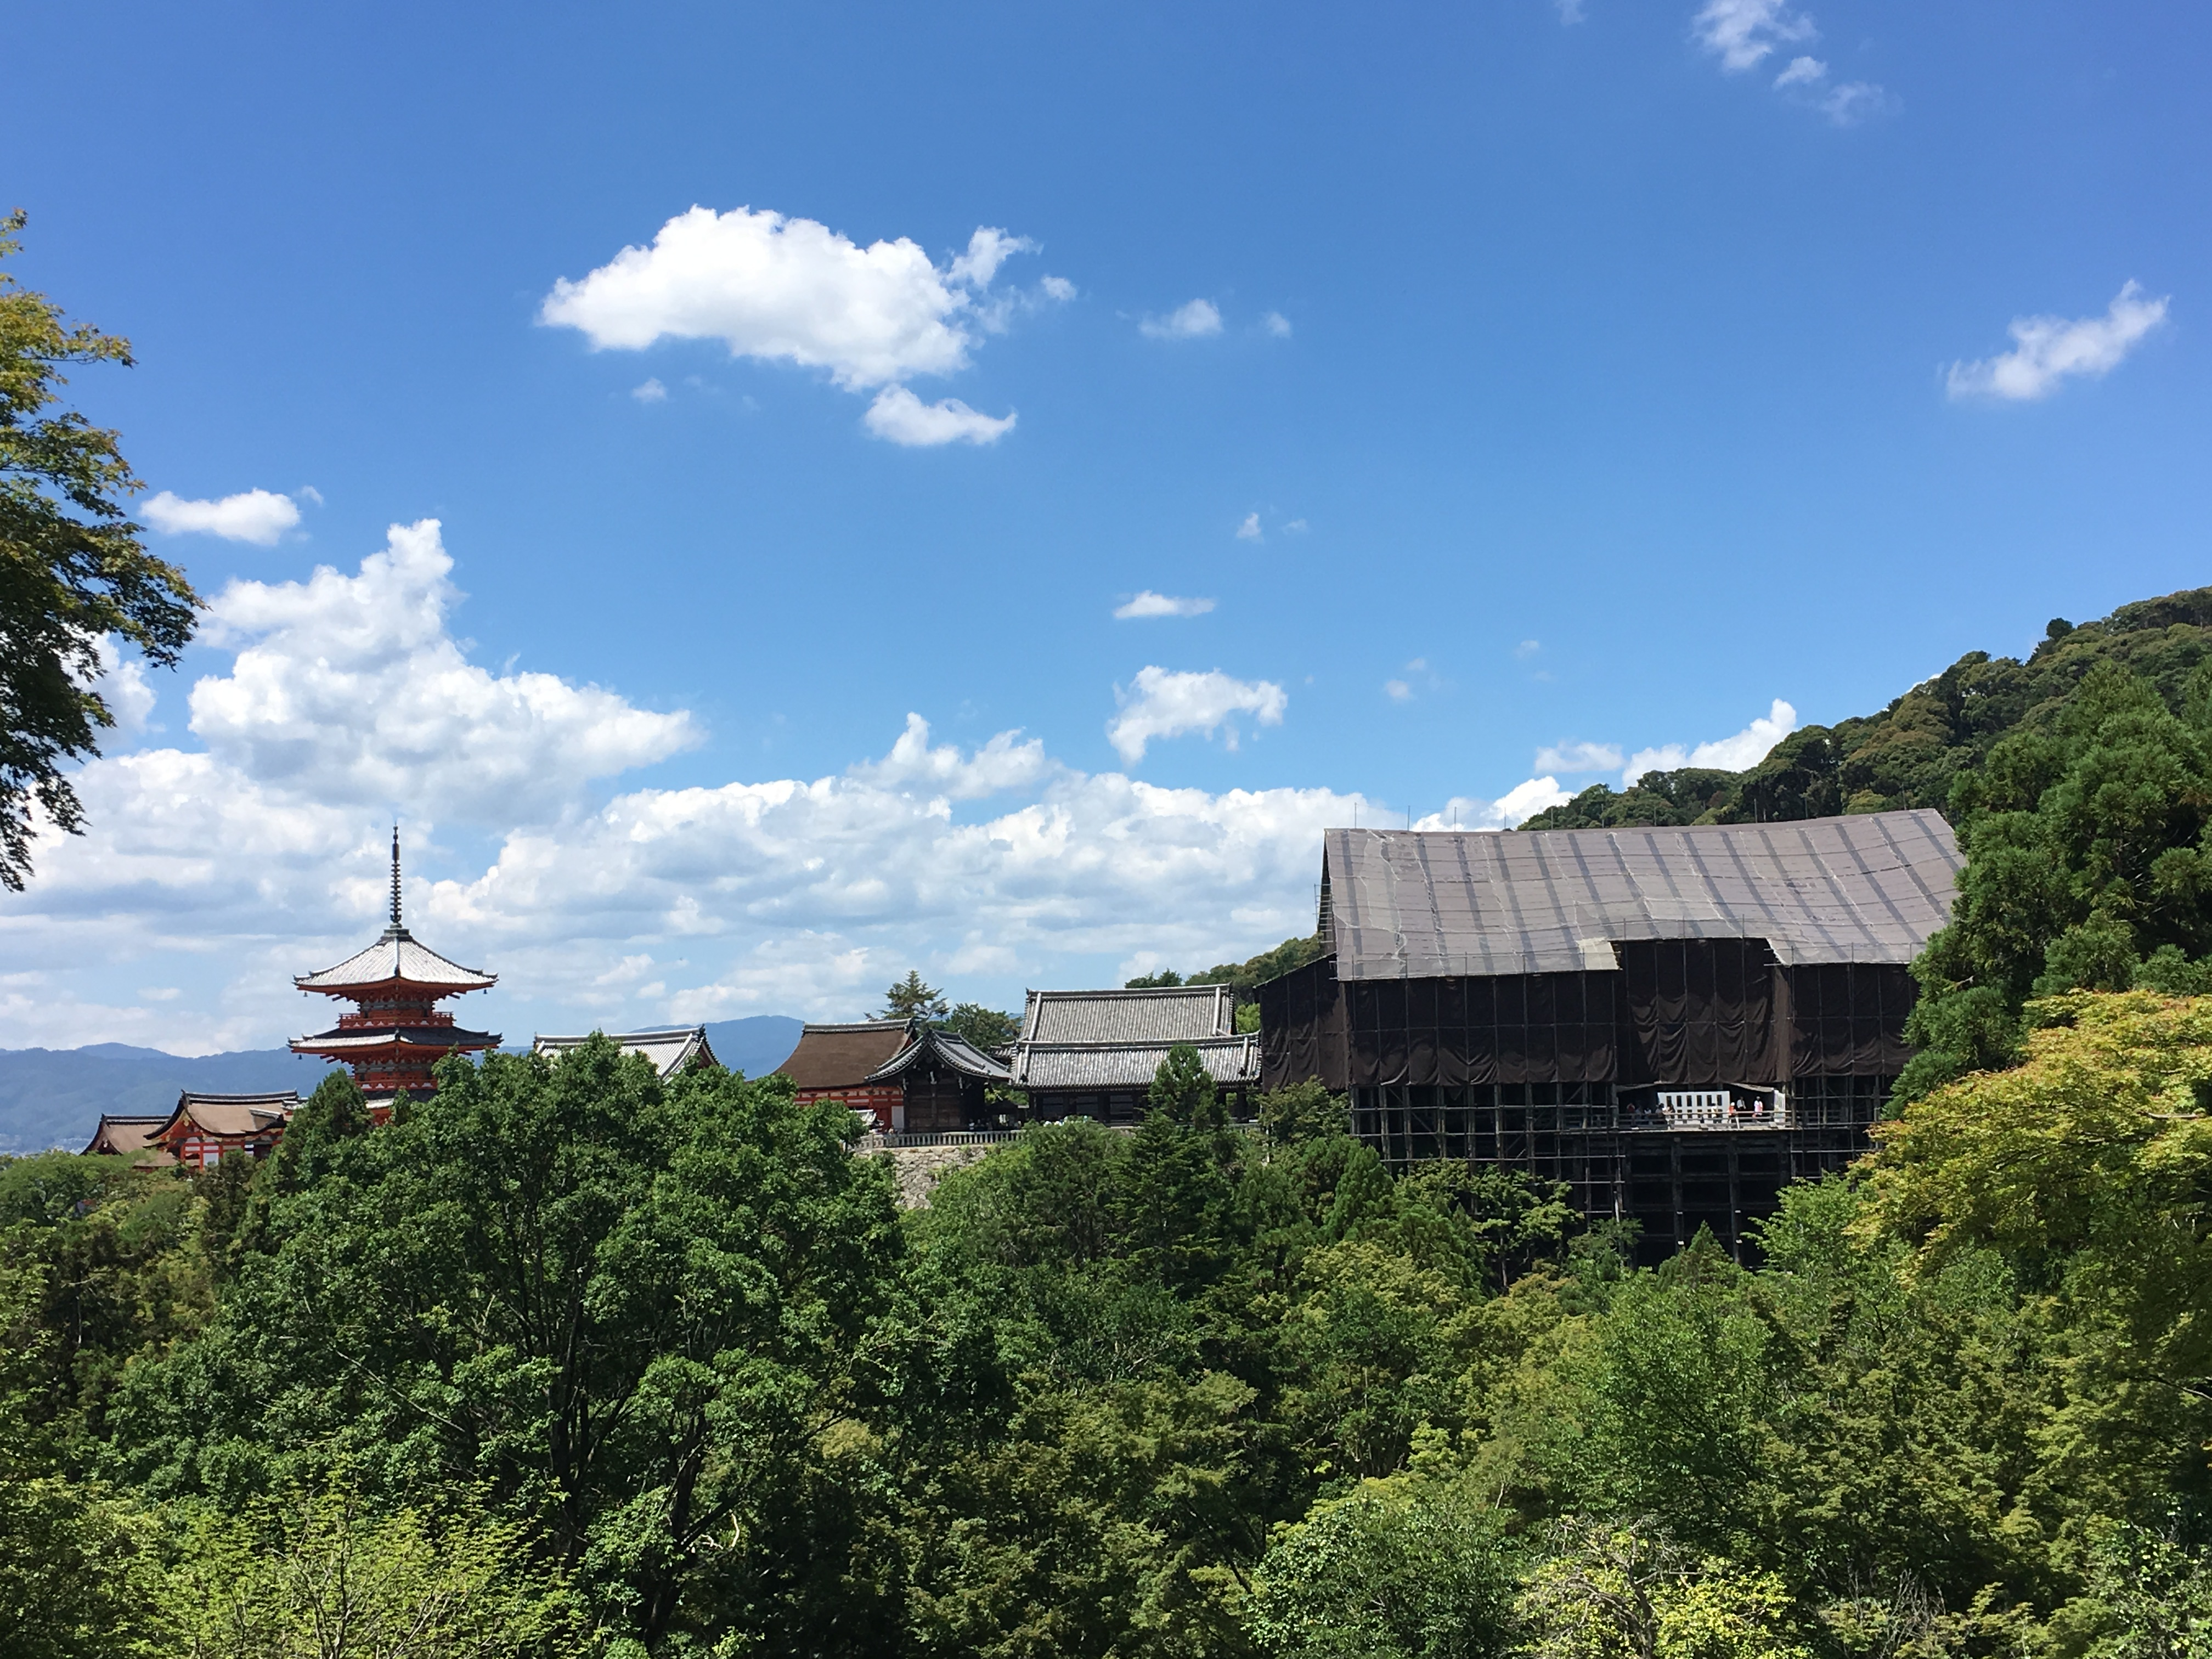 【 일곱 7번째 나홀로 여행 2탄 】 지옥의 천리행군 교토(Kyoto) -전편-